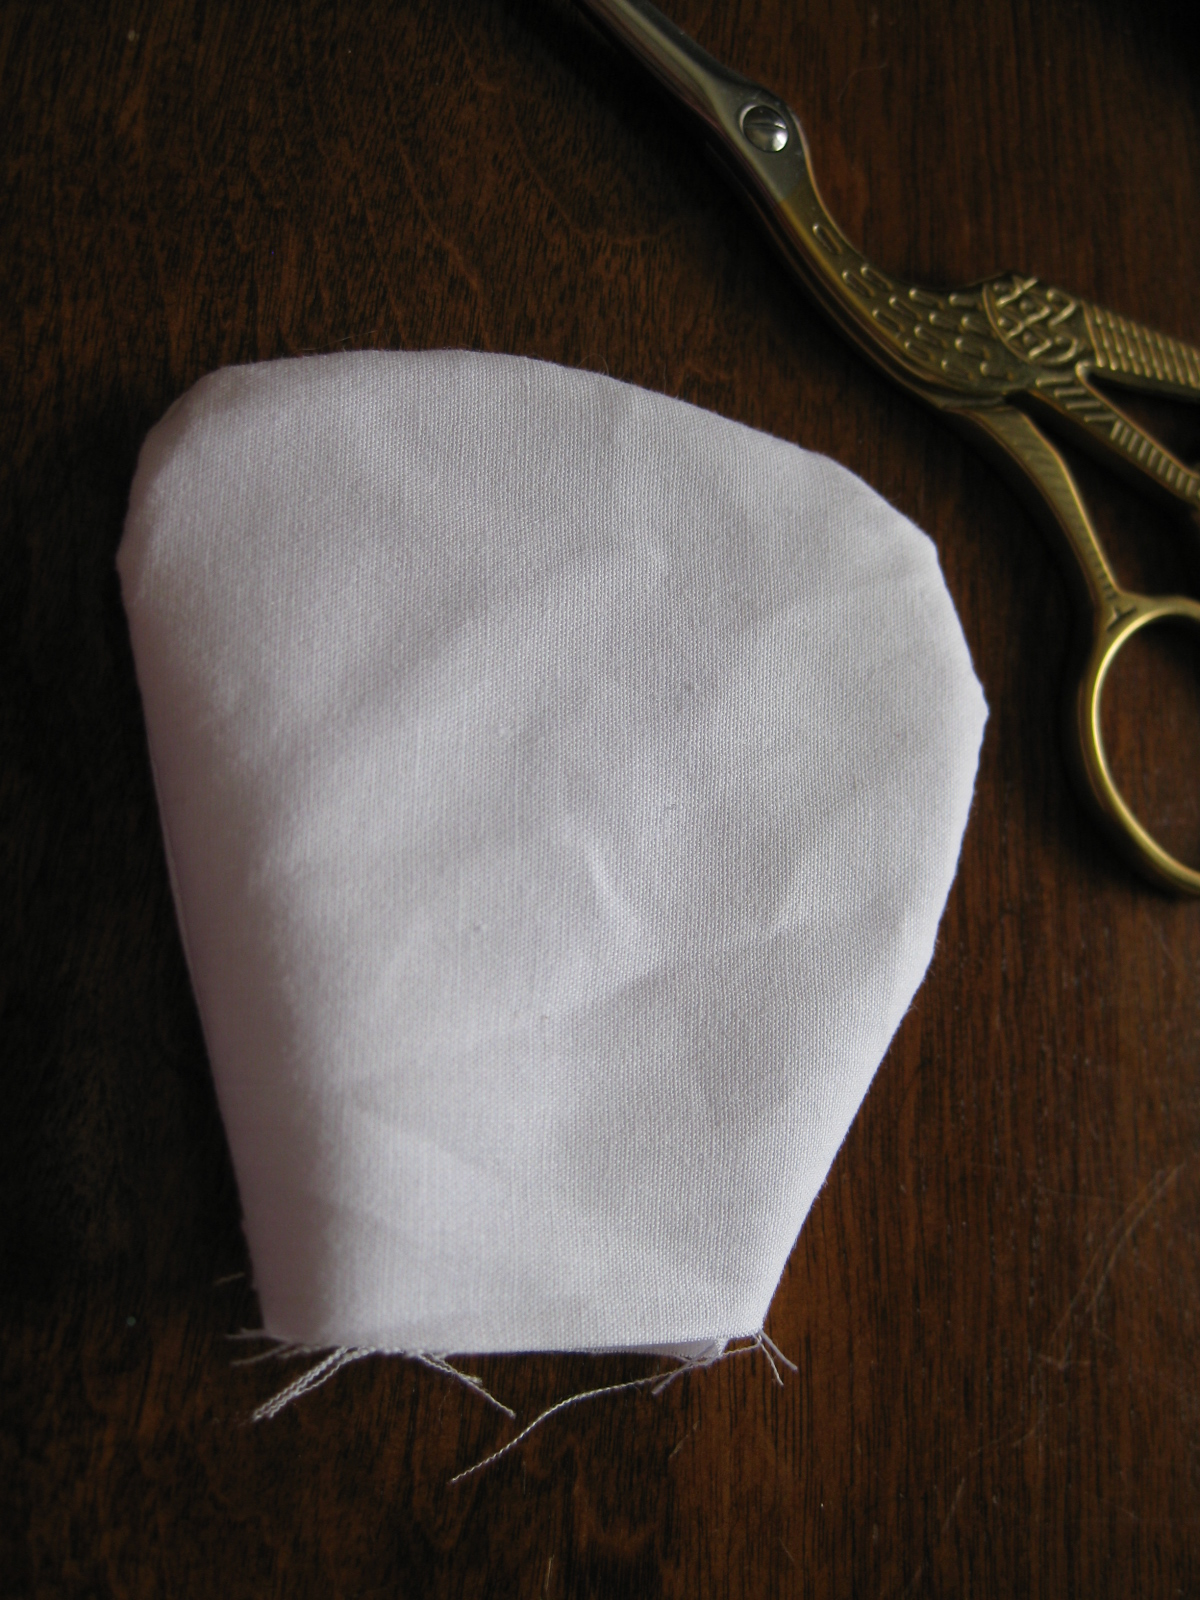 http://4.bp.blogspot.com/-0SGPkdm93Zc/T2Og2u_v_4I/AAAAAAAAAJk/YMe-DV1fOZM/s1600/Layered+Petal+Pillow+Tutorial+004.JPG